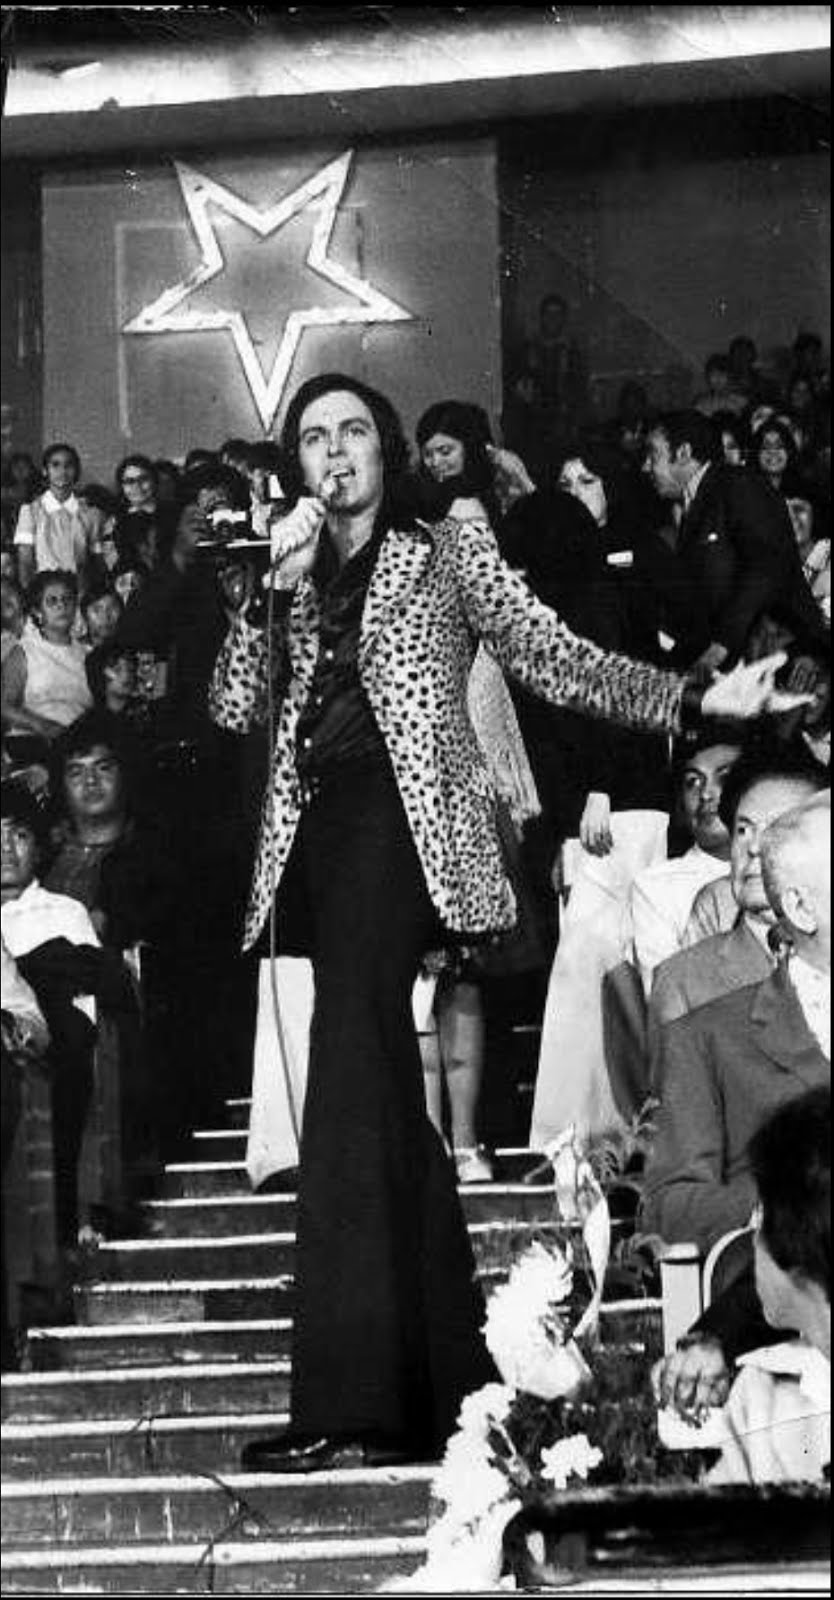 La música popular en el México de los años 70